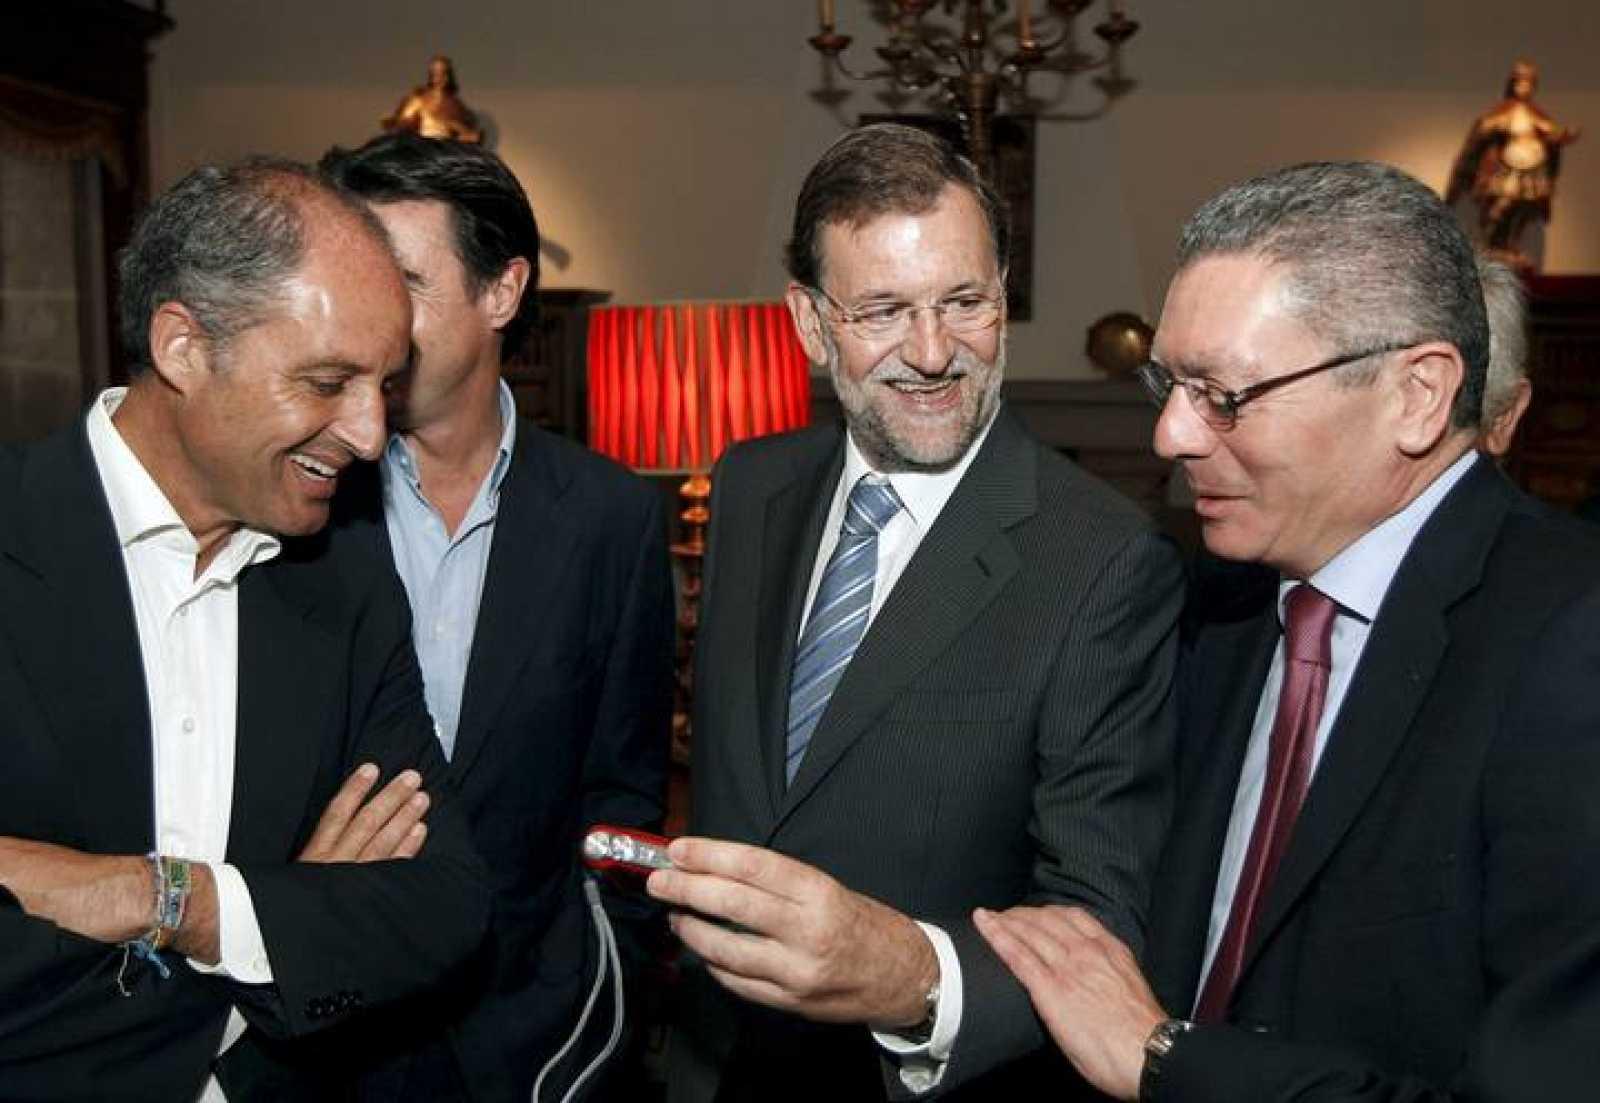 Mariano Rajoy, junto al presidente de la Comunidad Valenciana, Francisco Camps, y al alcalde de Madrid, Alberto Ruiz Gallardón.